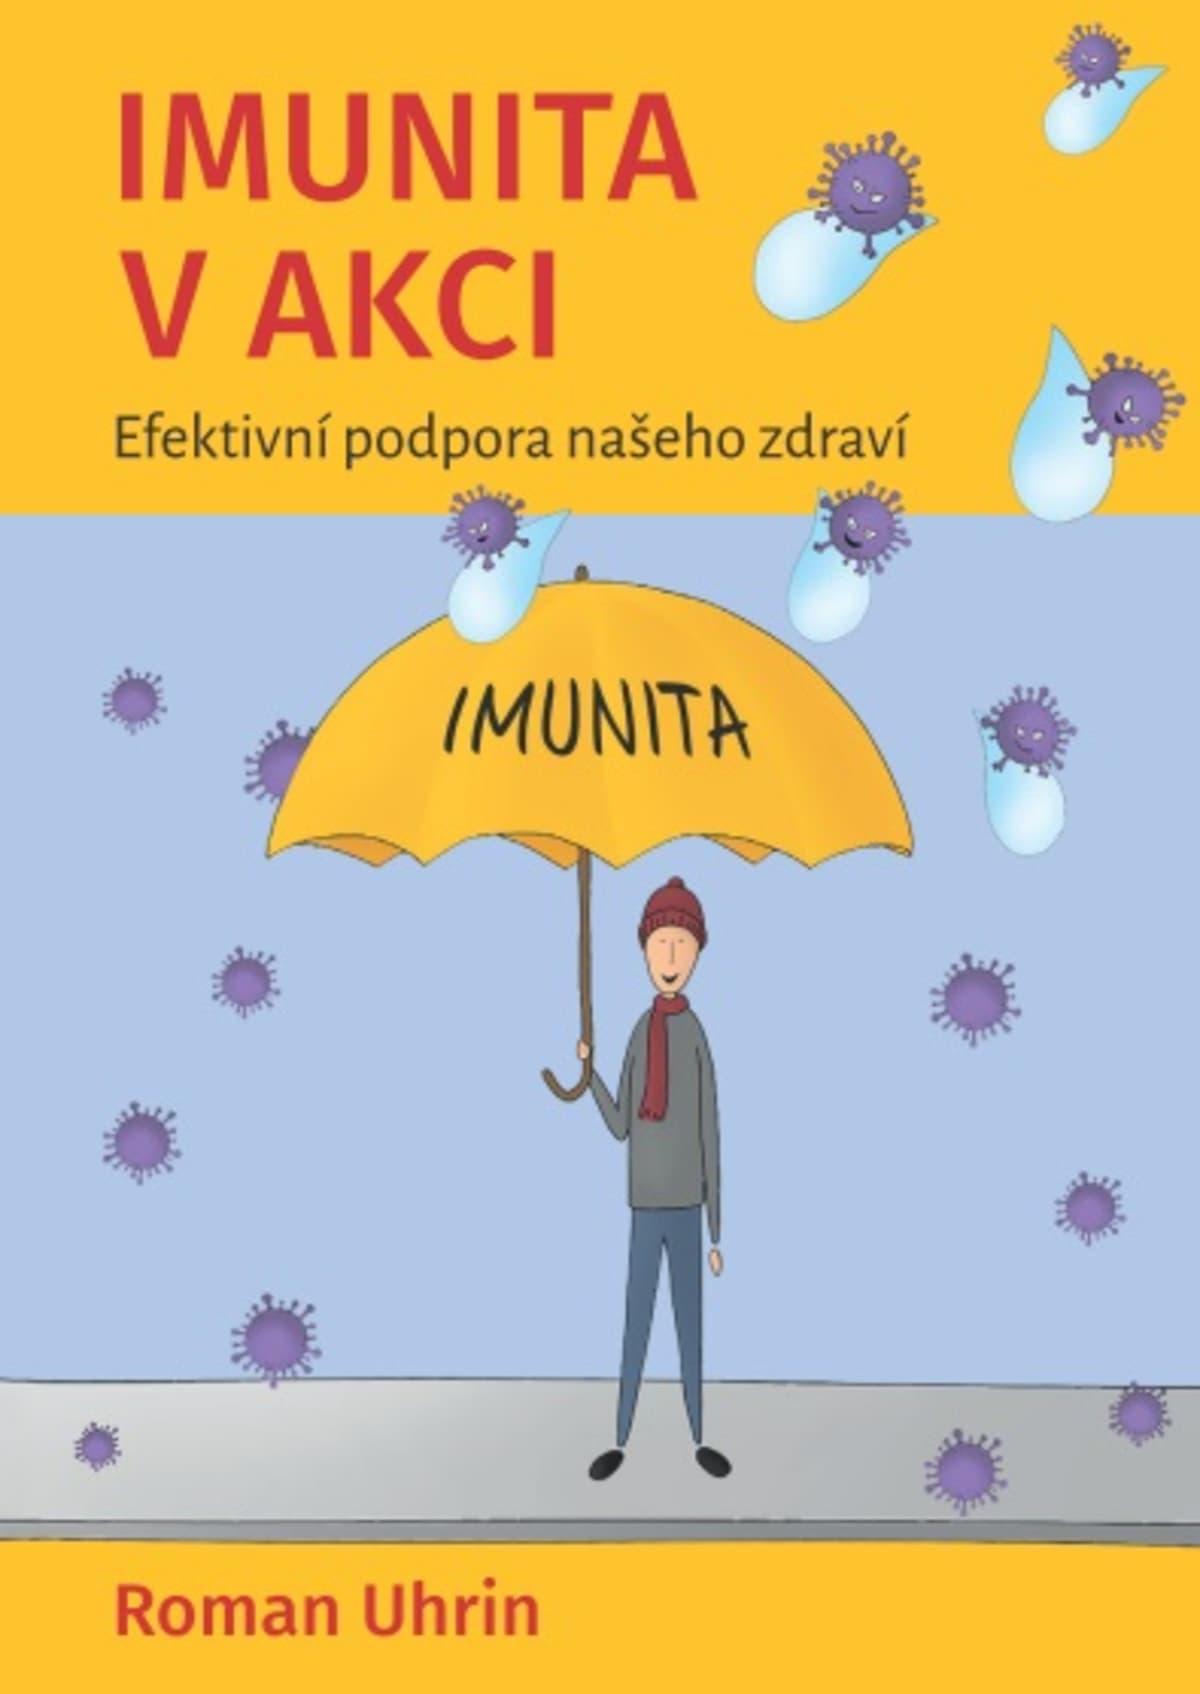 Imunita-v-akci